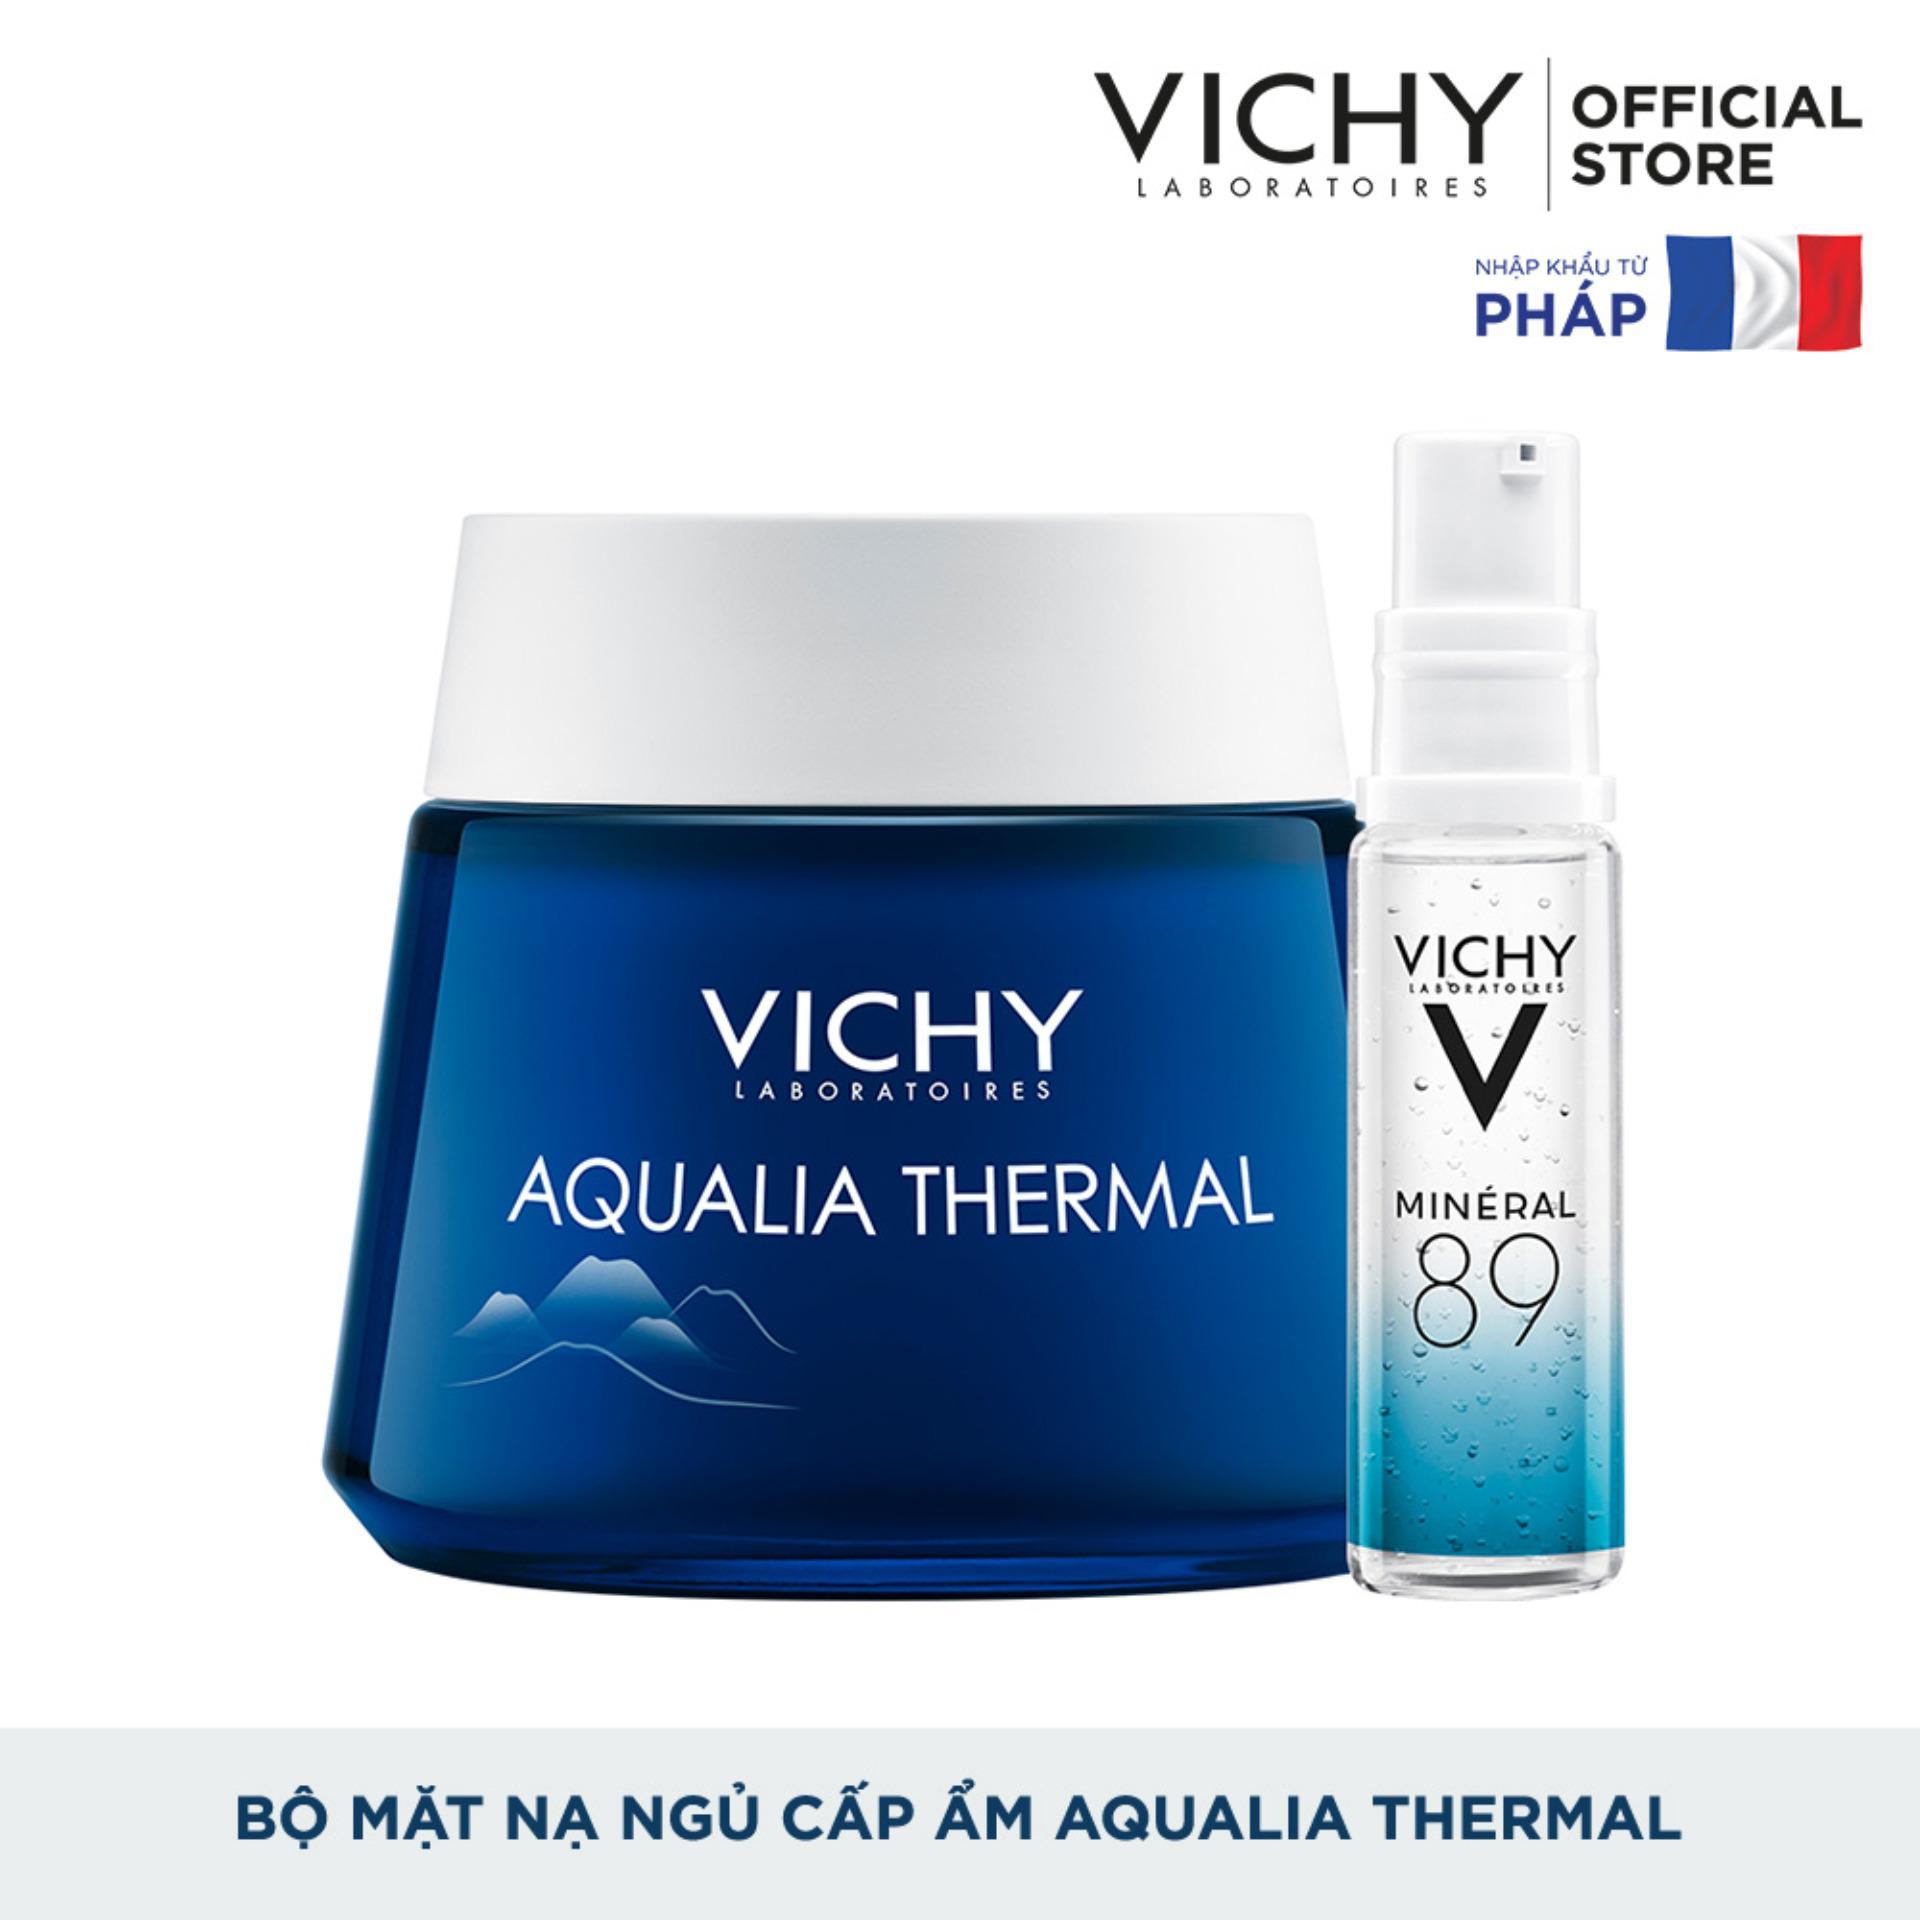 Bộ sản phẩm dưỡng kết hợp mặt nạ ngủ cấp ẩm và phục hồi da Vichy Aqualia Thermal Night Spa 75ml